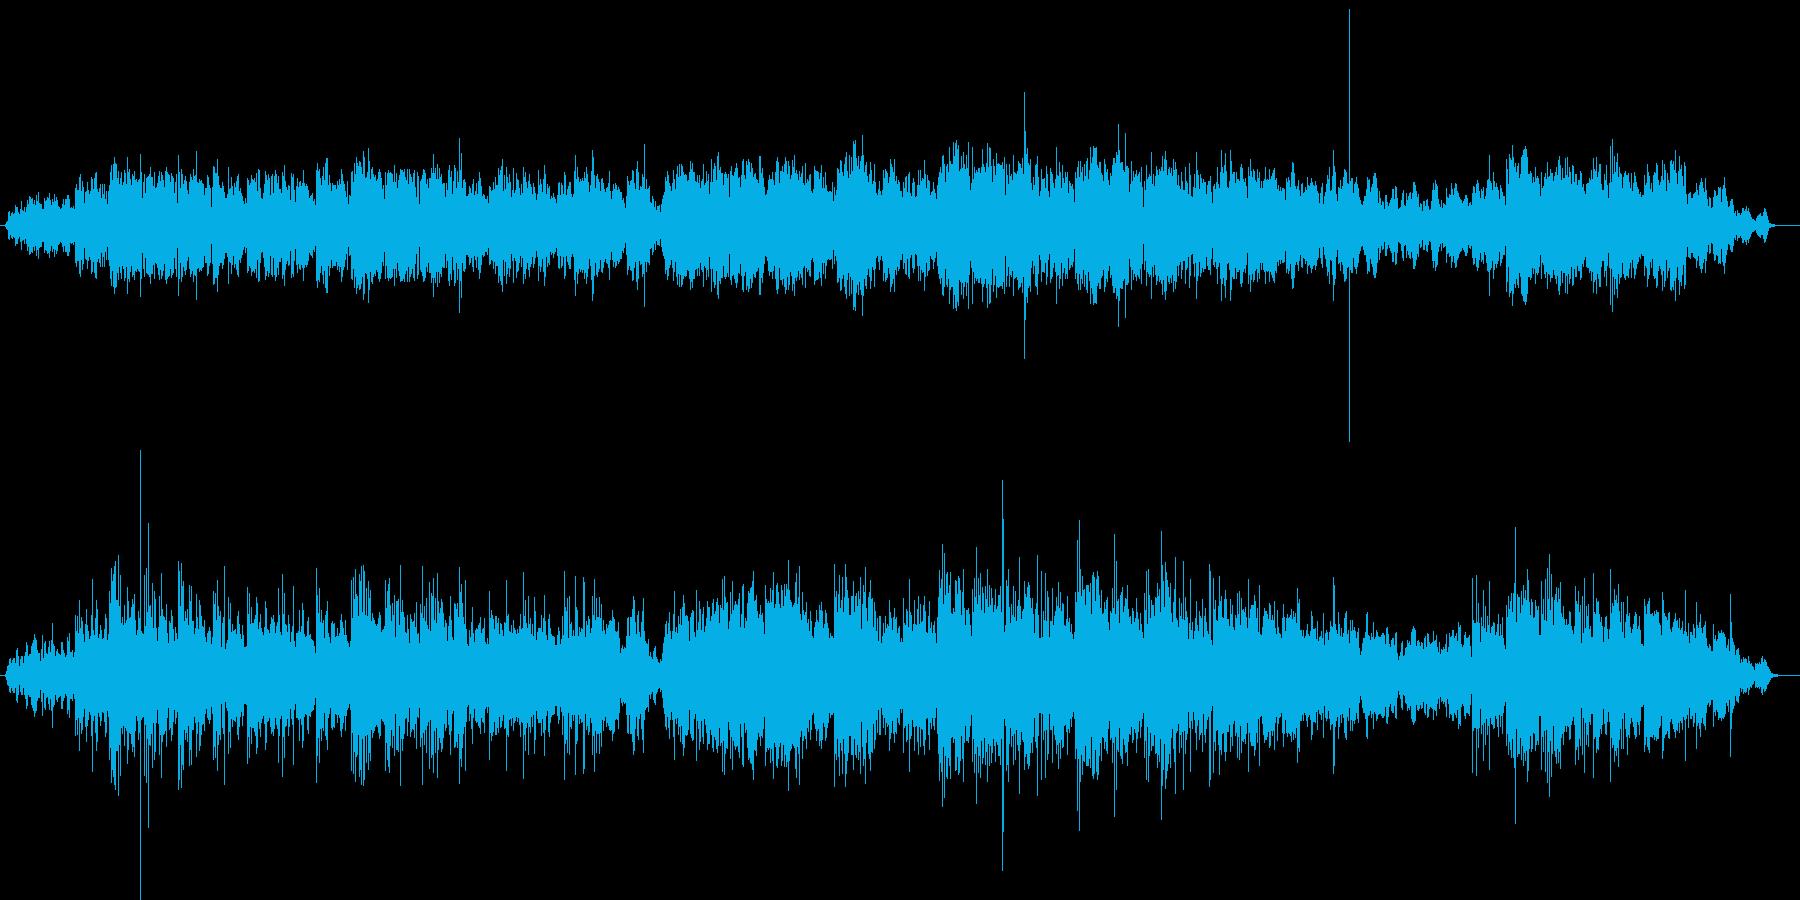 神秘的なスローテンポBGMの再生済みの波形